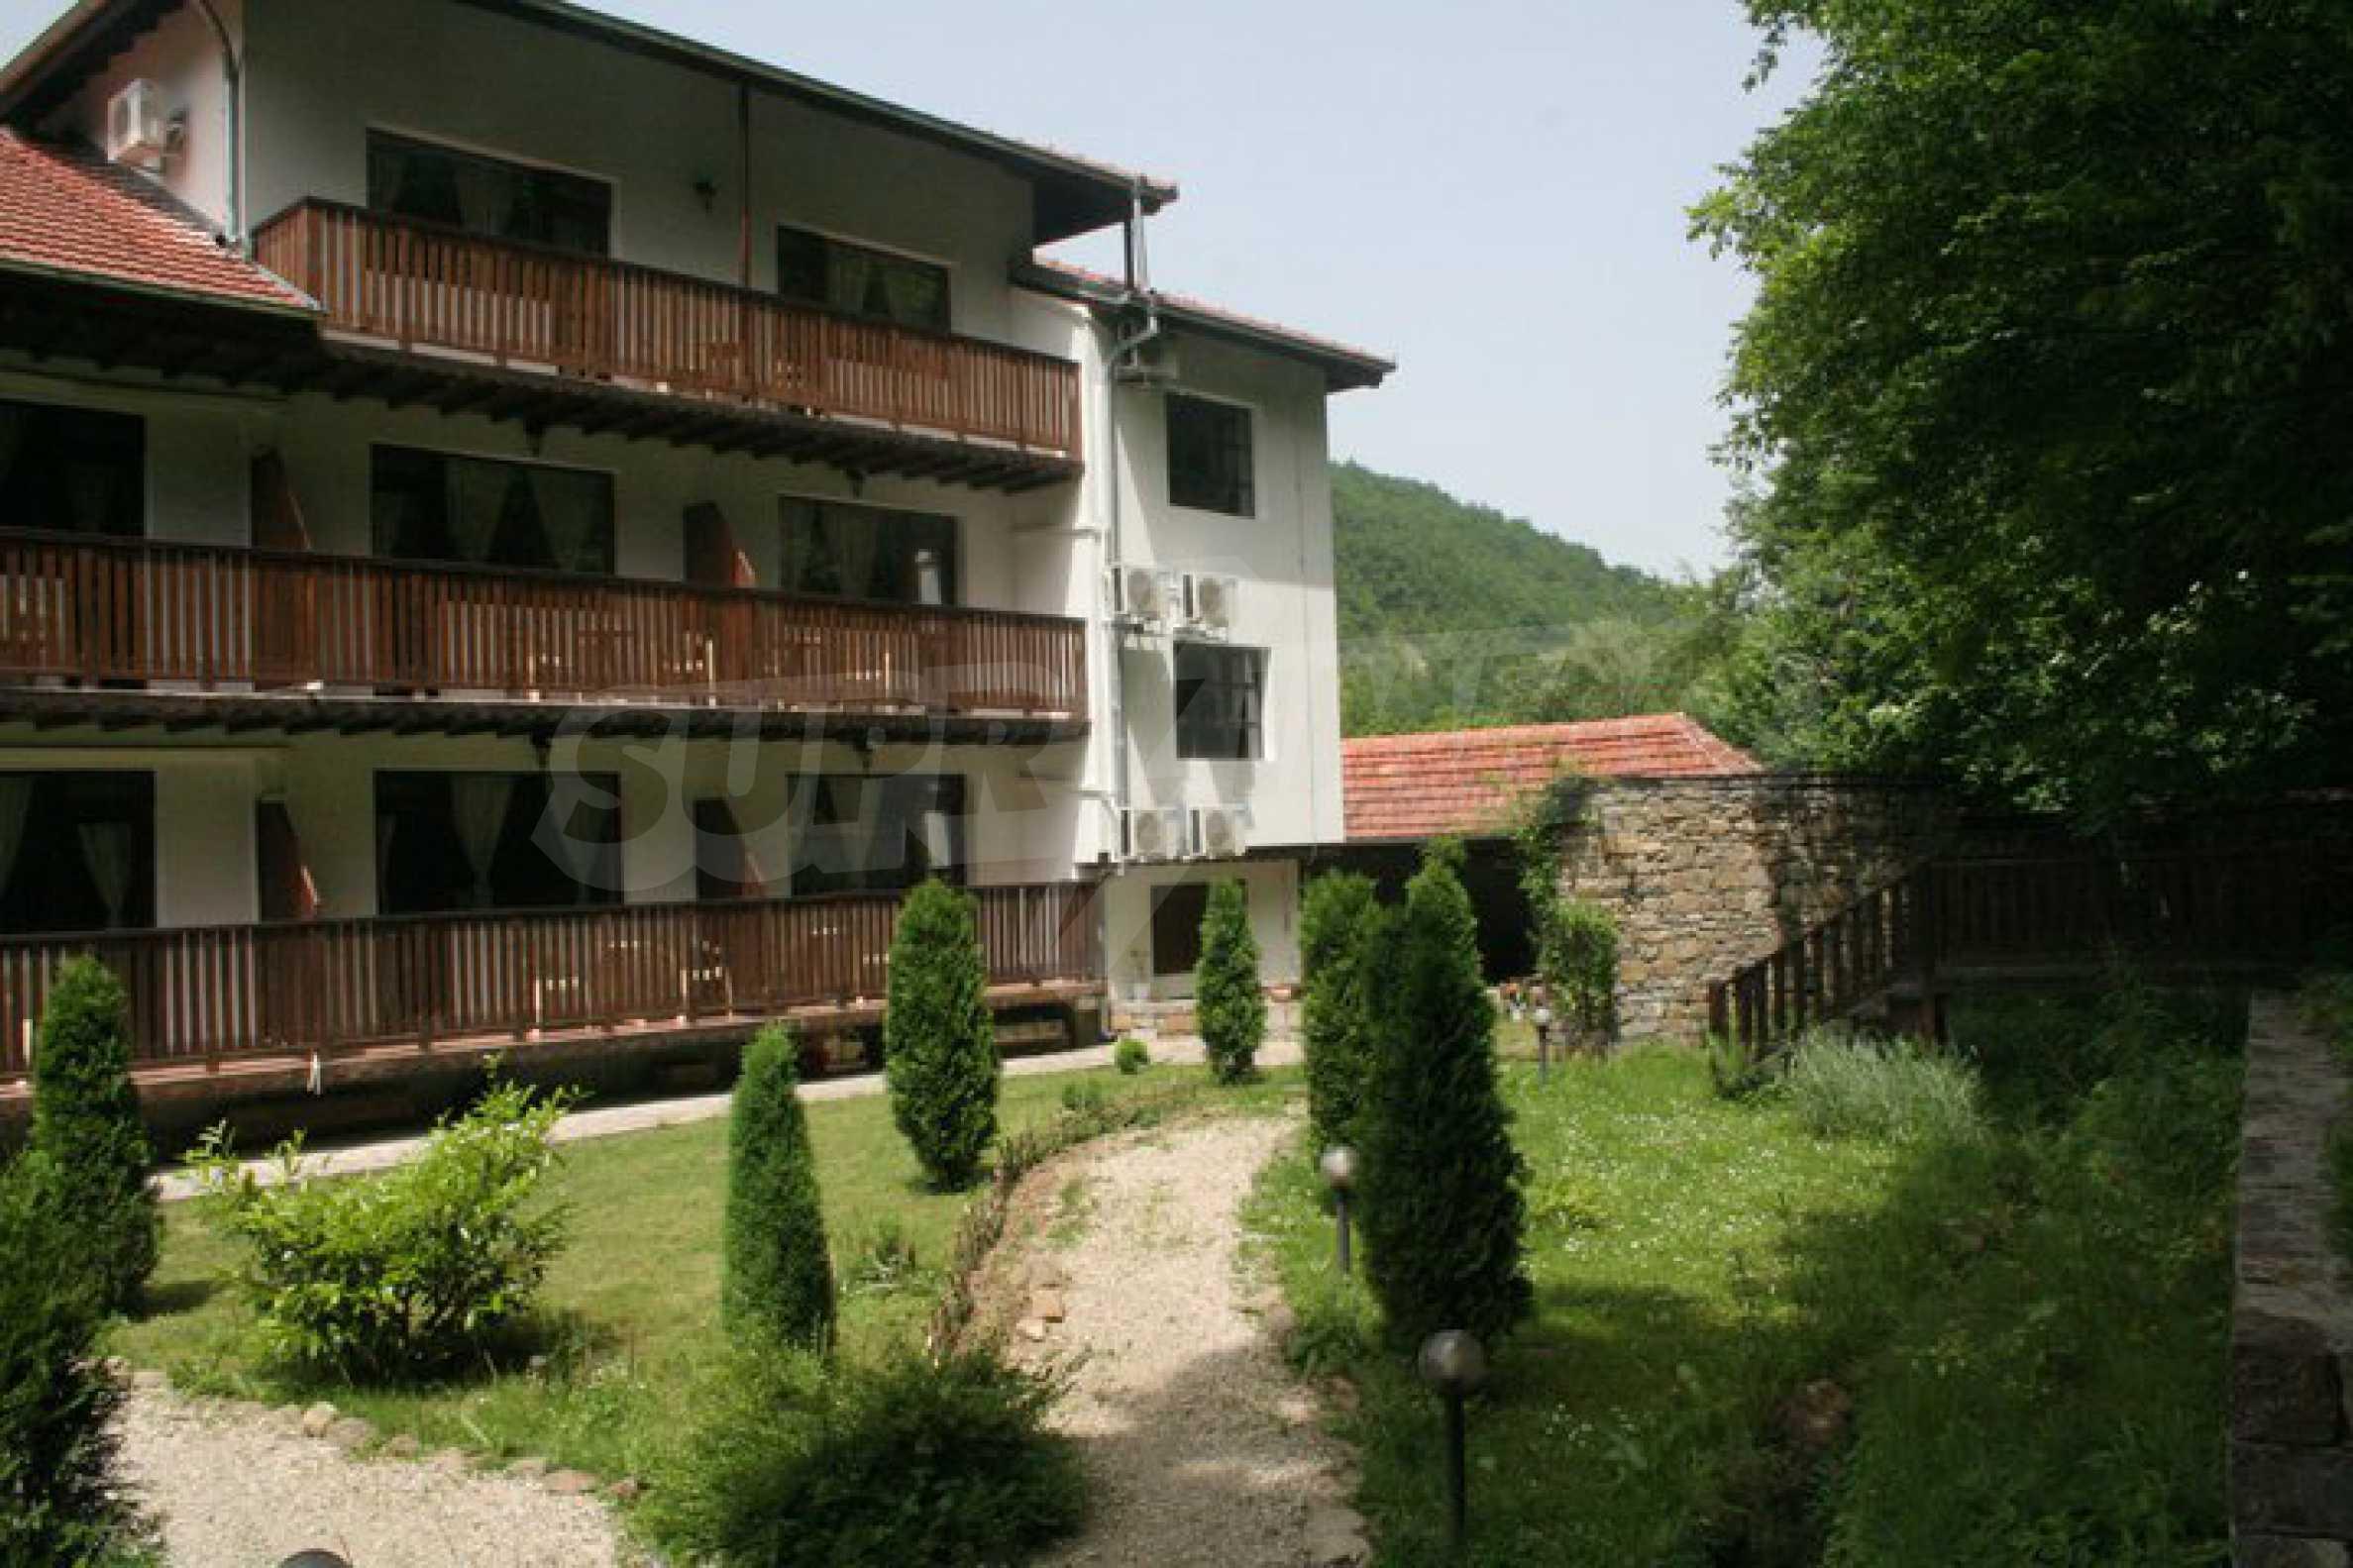 Gemütliches Hotel mit Pool im Herzen des Balkangebirges 8